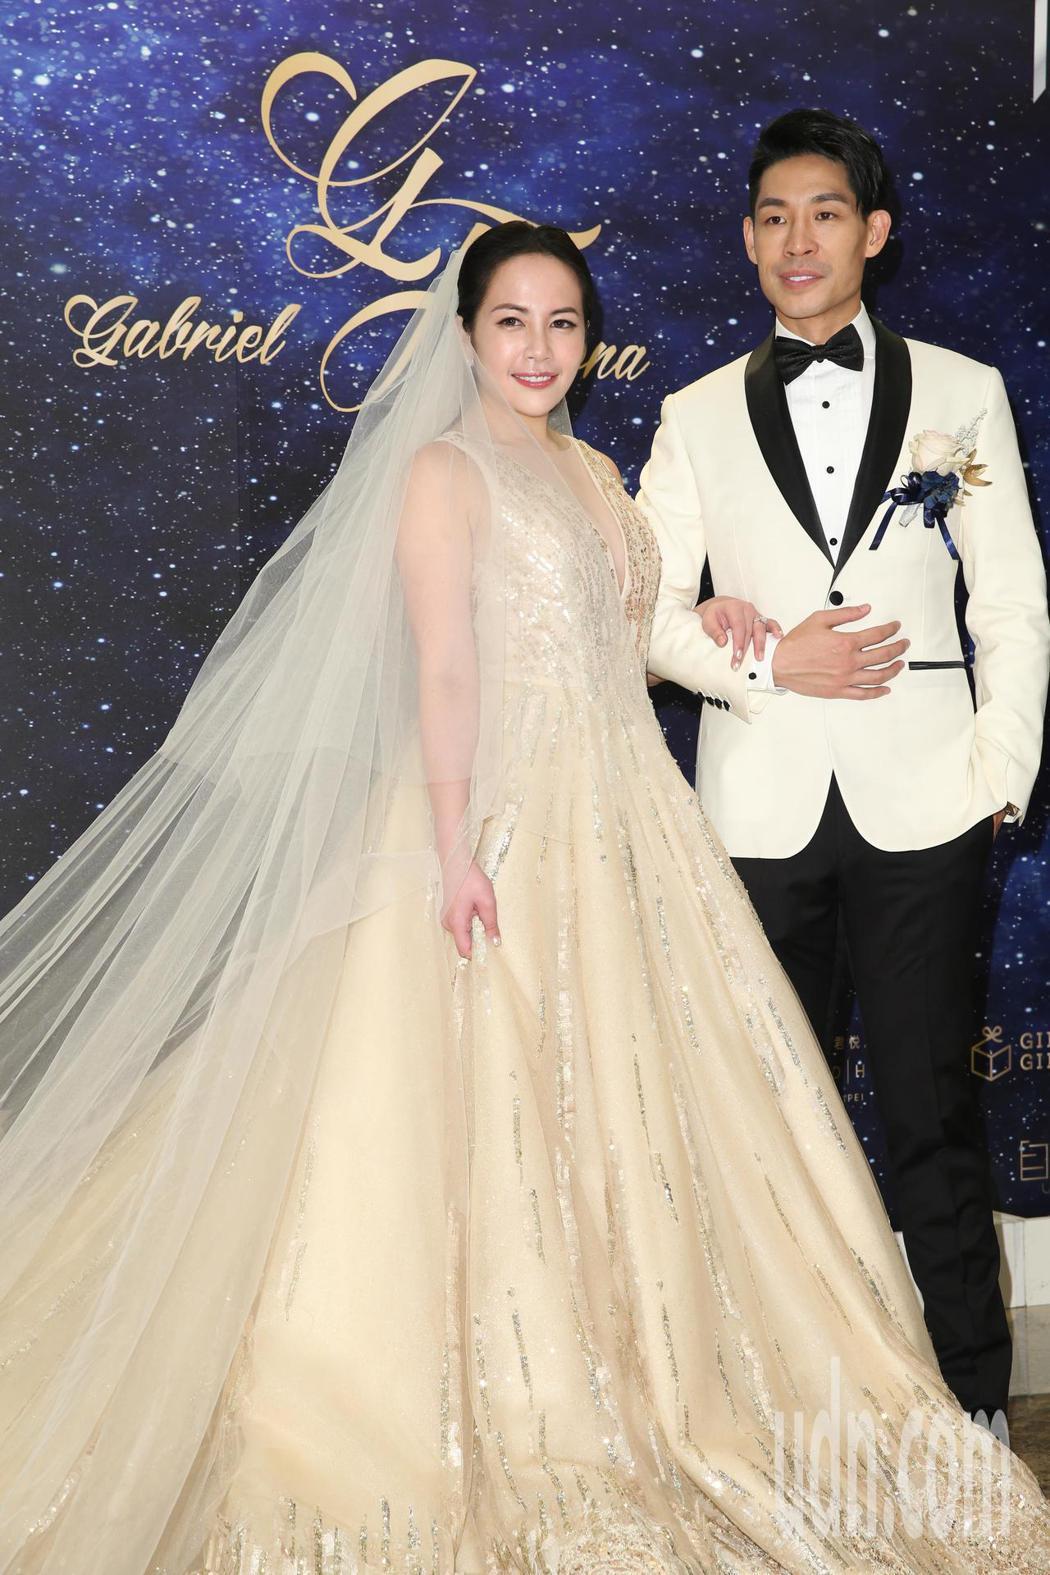 藍鈞天(右)與陳羽柔(左)今天在君悅飯店舉行婚宴。記者葉信菉/攝影